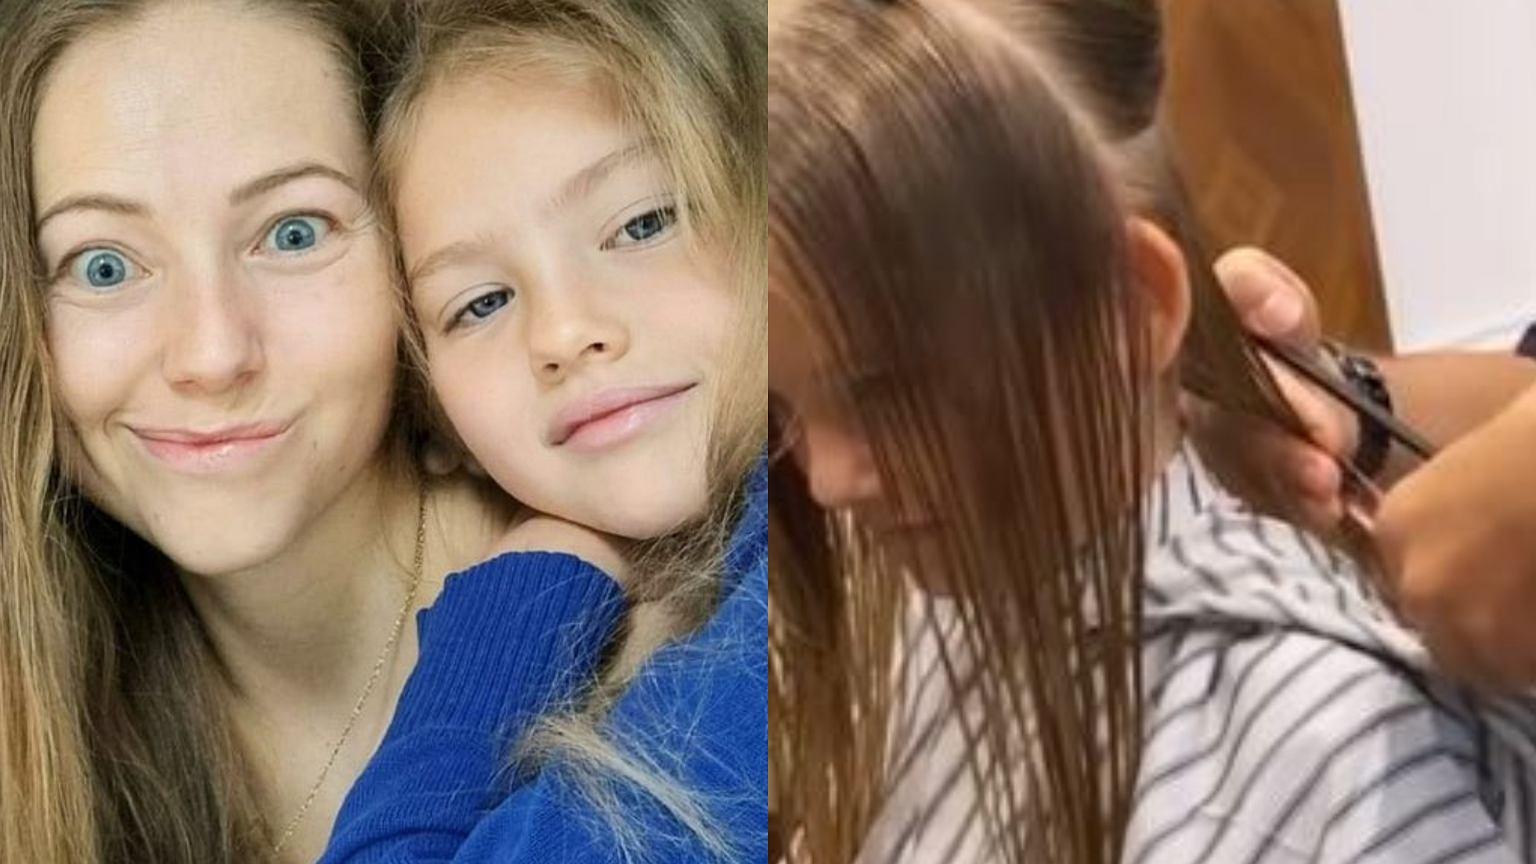 Agata Rubik zabrała córkę do fryzjera. Było ostre cięcie. Efekt? Ogromna zmiana. Poleciało dużo włosów